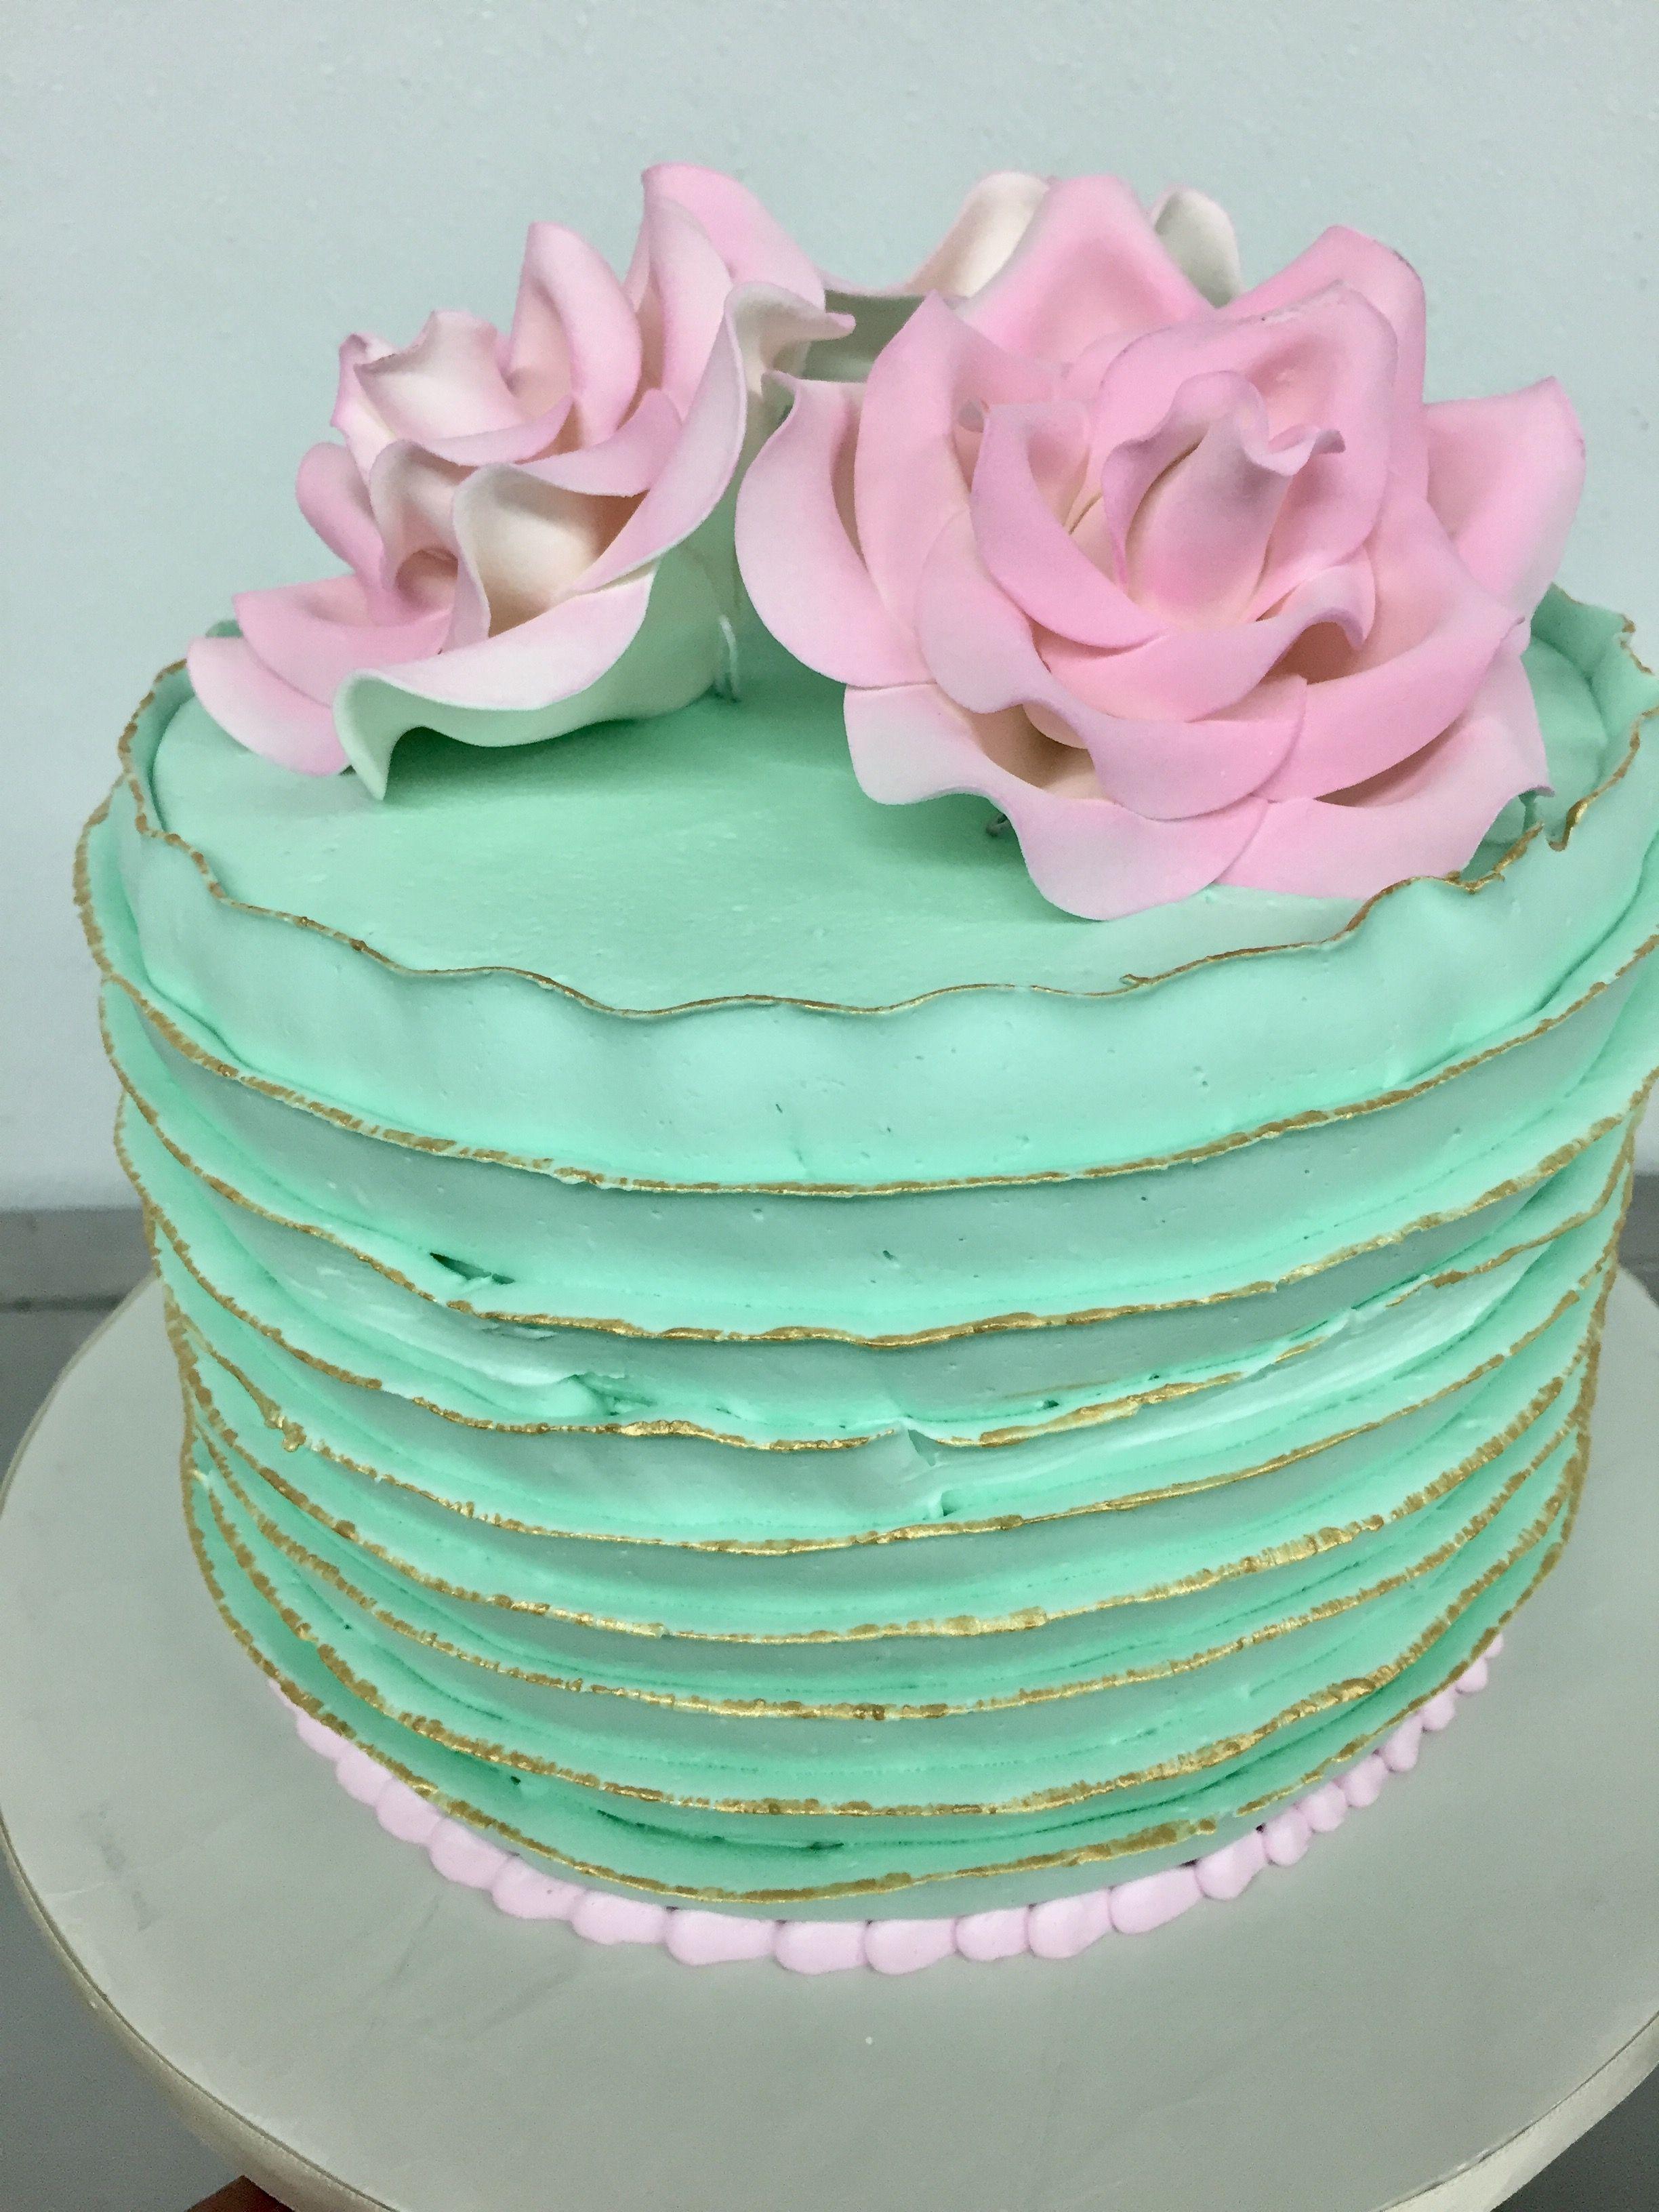 Marvelous Shabby Chic Birthday Cake With Images Graduation Cakes Cake Personalised Birthday Cards Vishlily Jamesorg